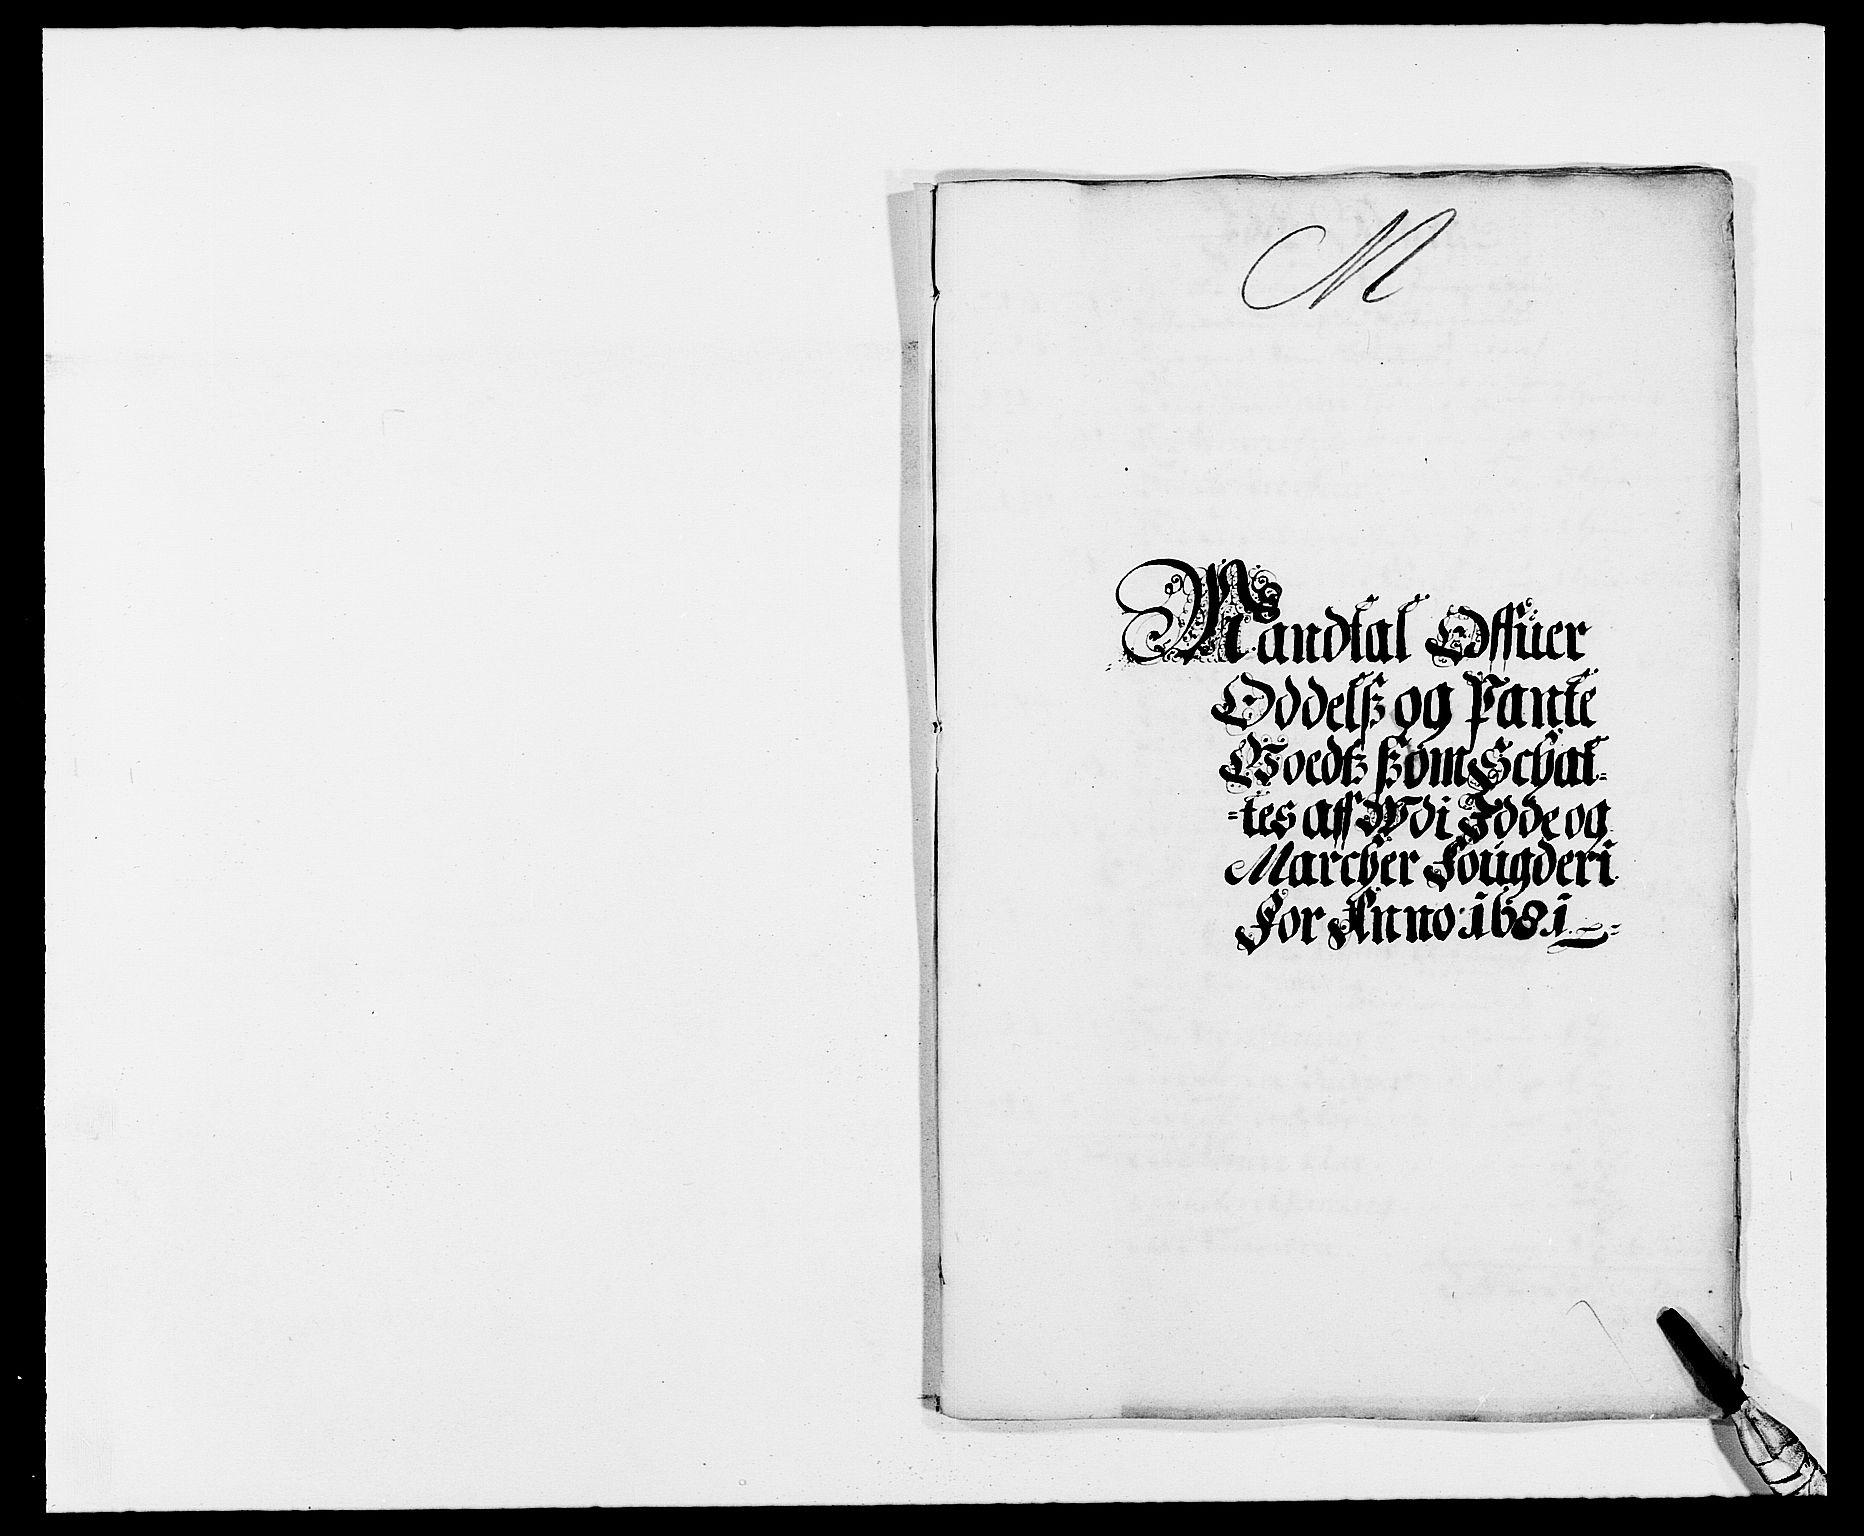 RA, Rentekammeret inntil 1814, Reviderte regnskaper, Fogderegnskap, R01/L0003: Fogderegnskap Idd og Marker, 1678-1681, s. 137